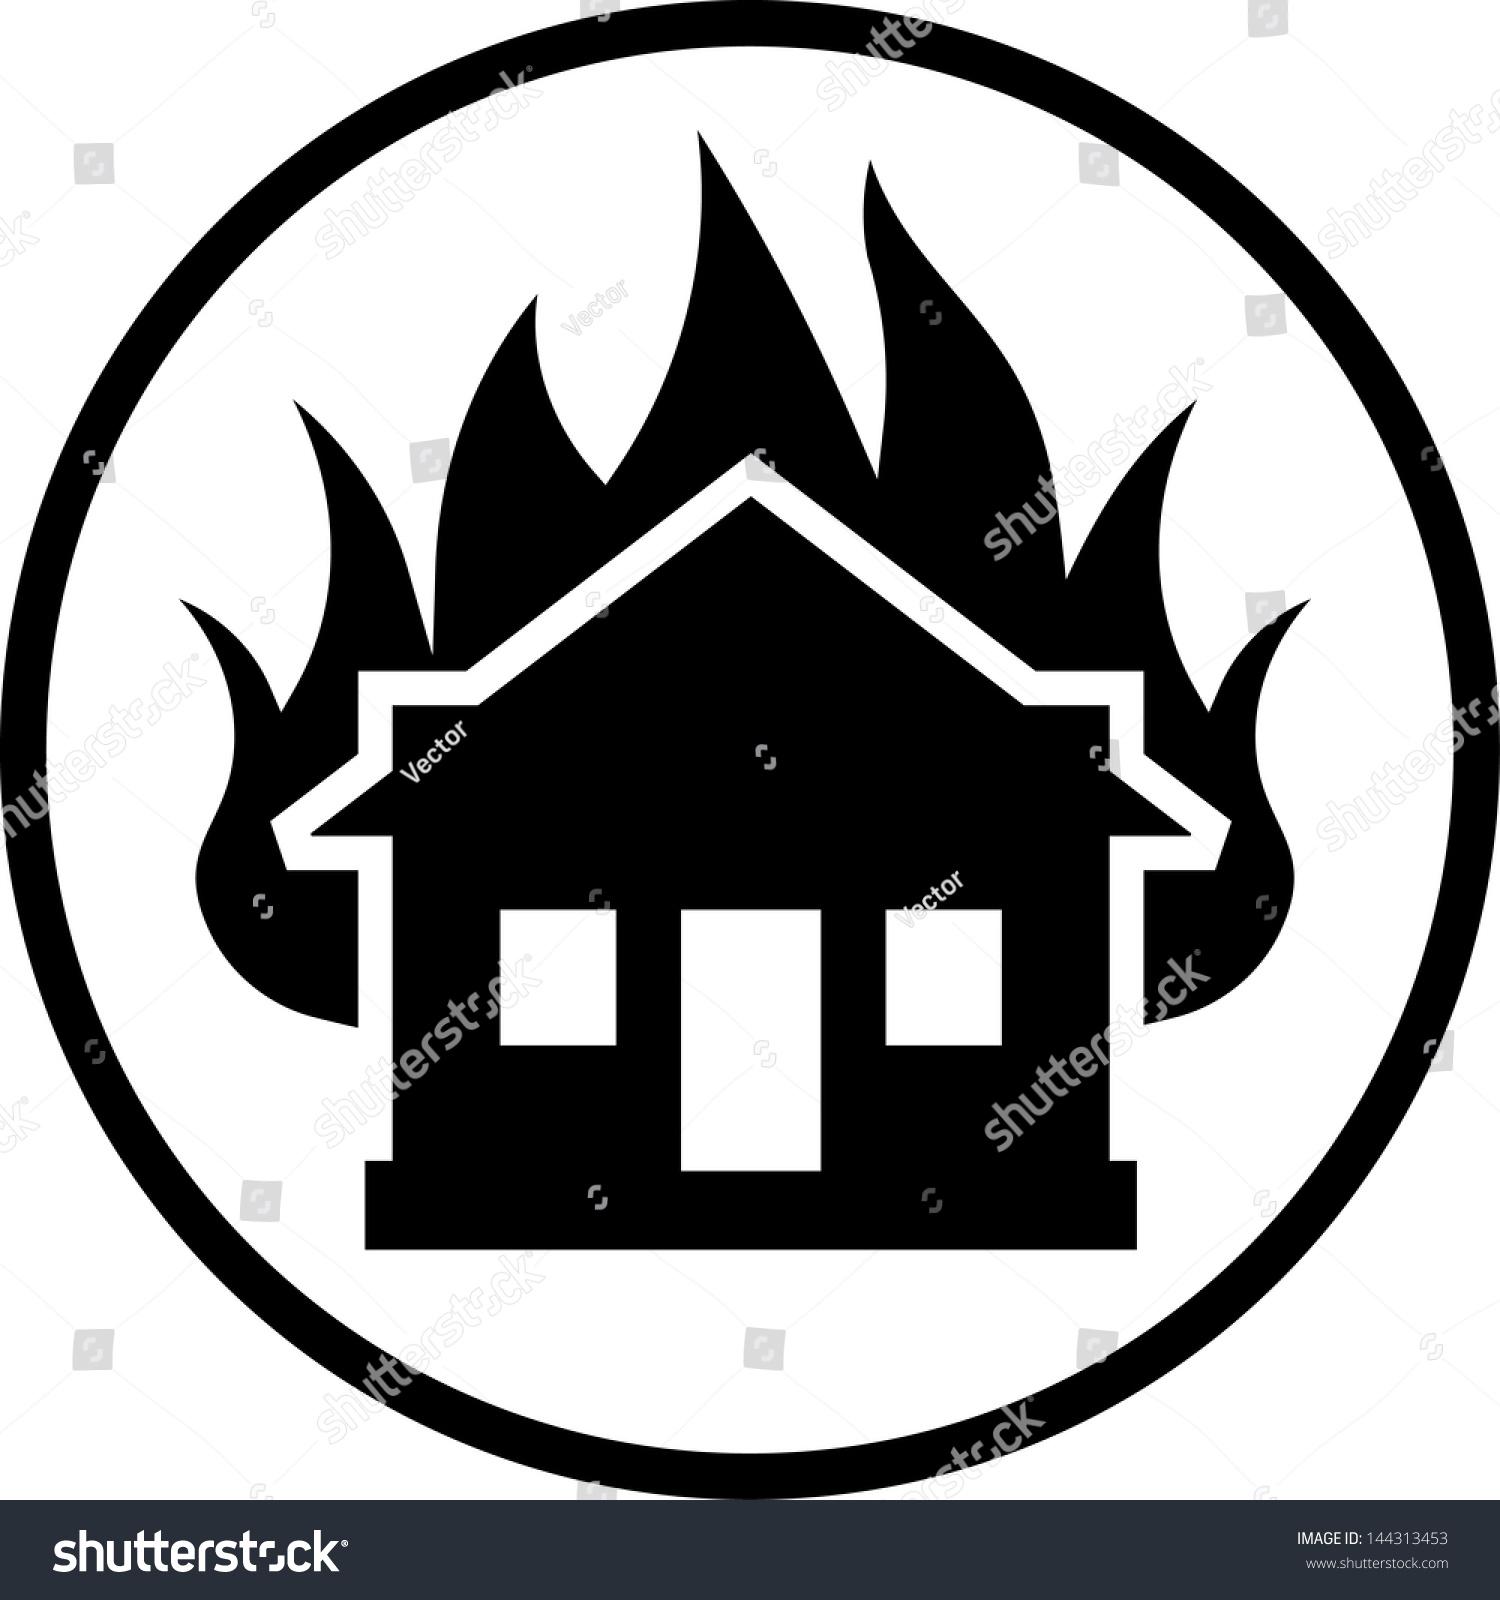 房子着火了矢量图标-建筑物/地标